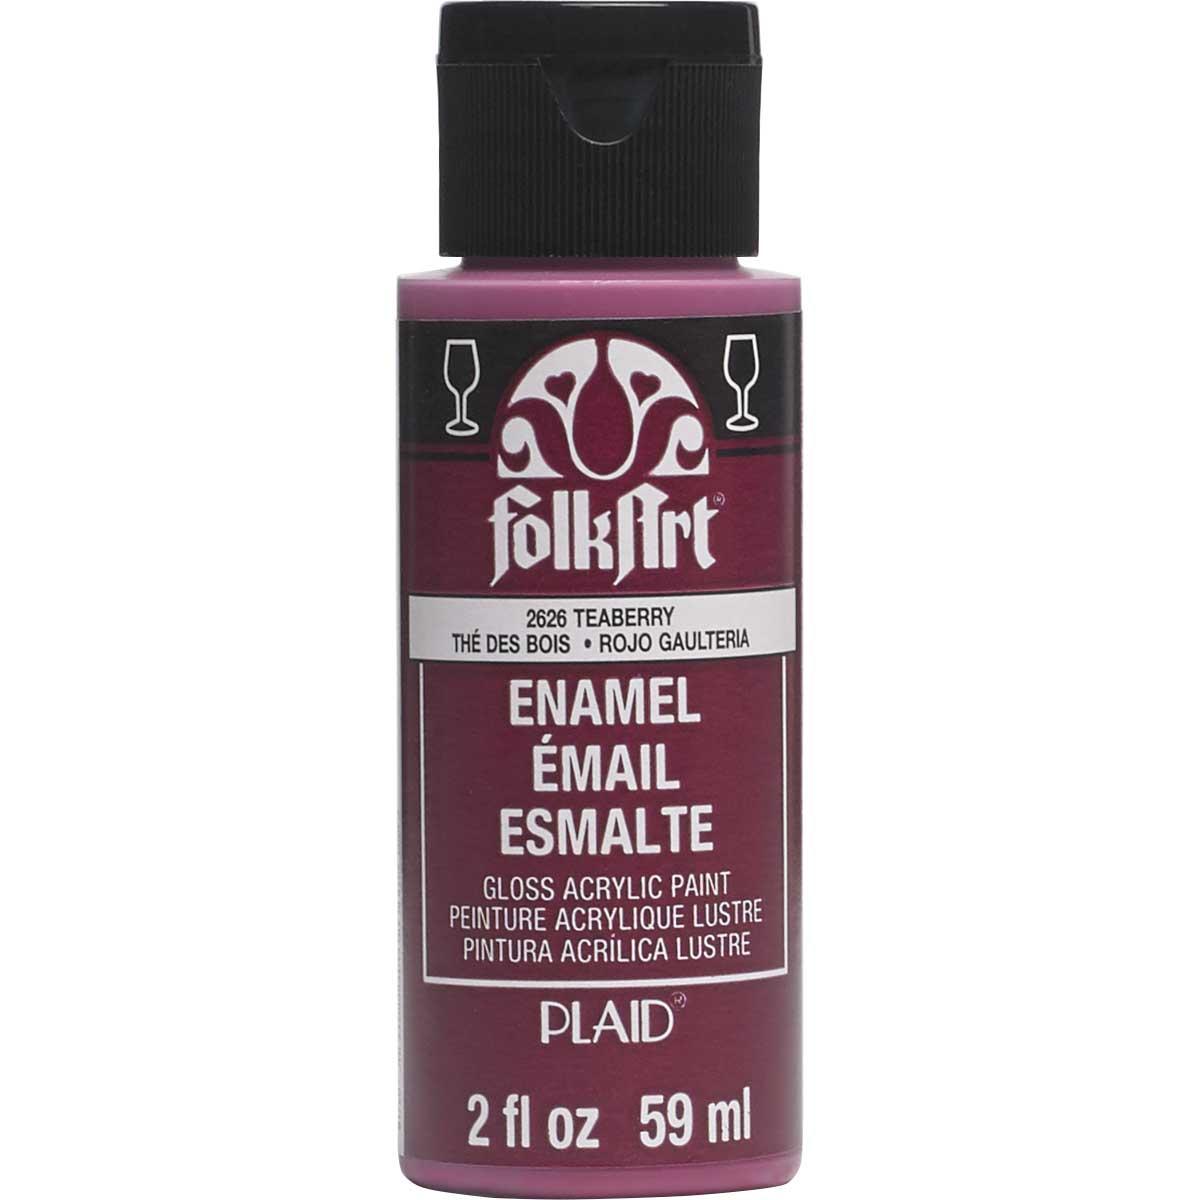 FolkArt ® Enamels™ - Teaberry, 2 oz.